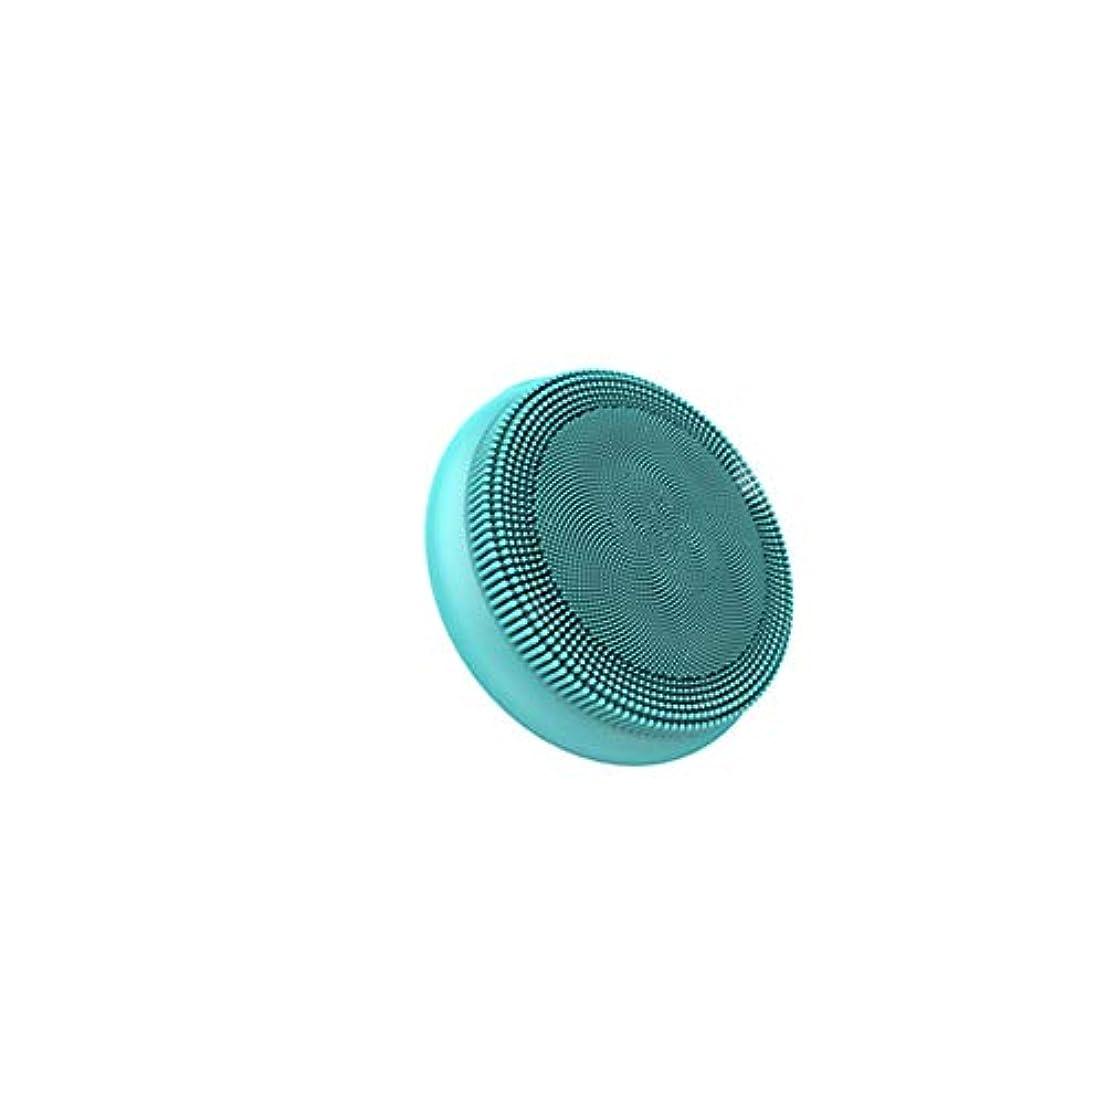 味付けフィードバック多分フェイシャルクレンジングブラシ、ディープクレンジング用防水シリコンフェイスマッサージャー、すべての肌タイプのアンチエイジングスキンケアデバイス,グリーン